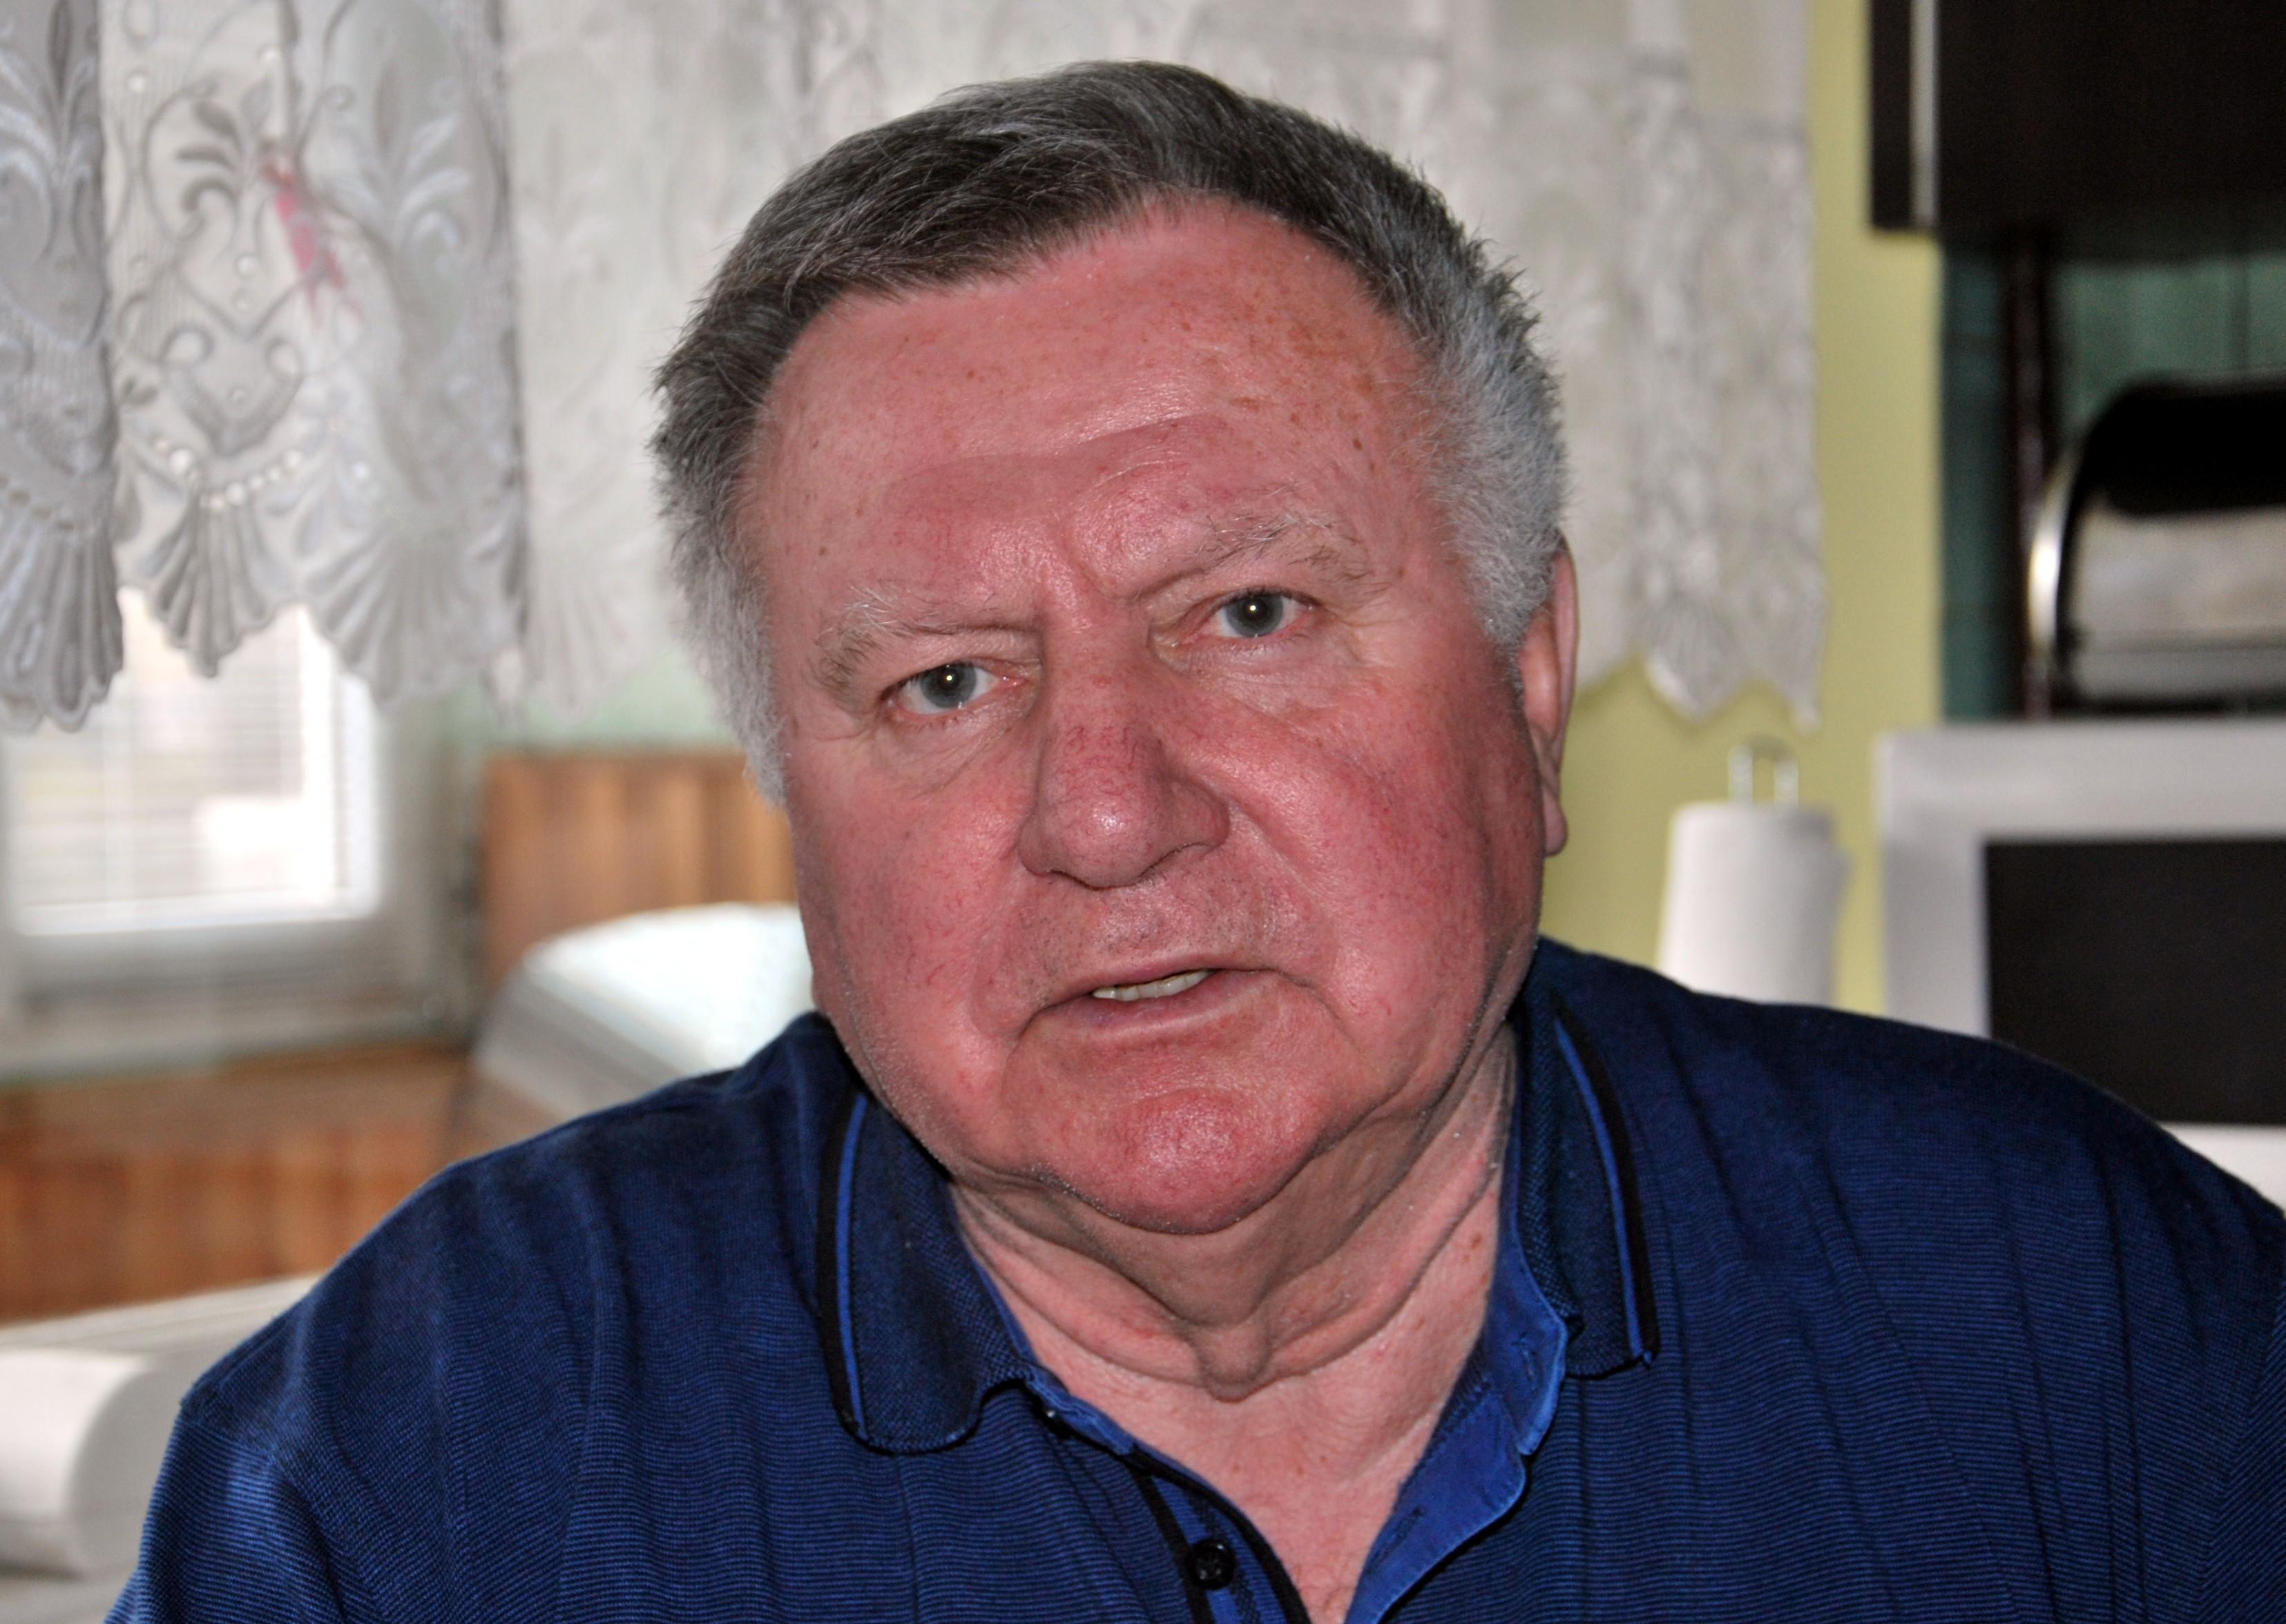 Евгений Лемешко. Не говоря прощай - изображение 7